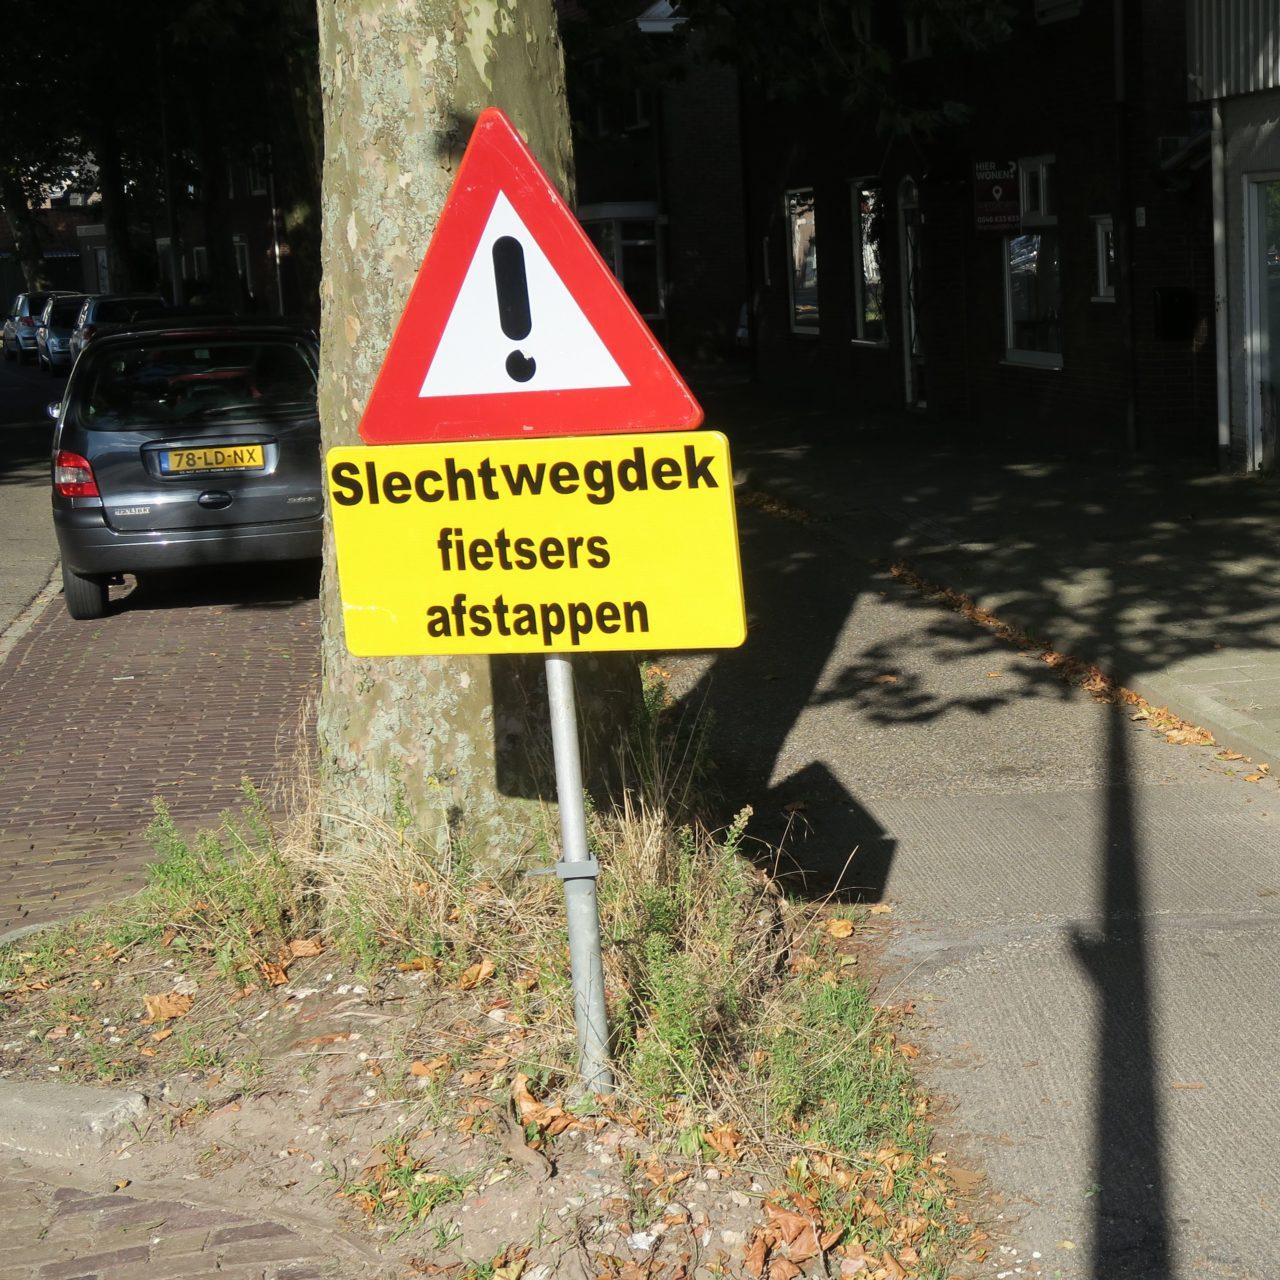 verkeersbord afstappen wegdek